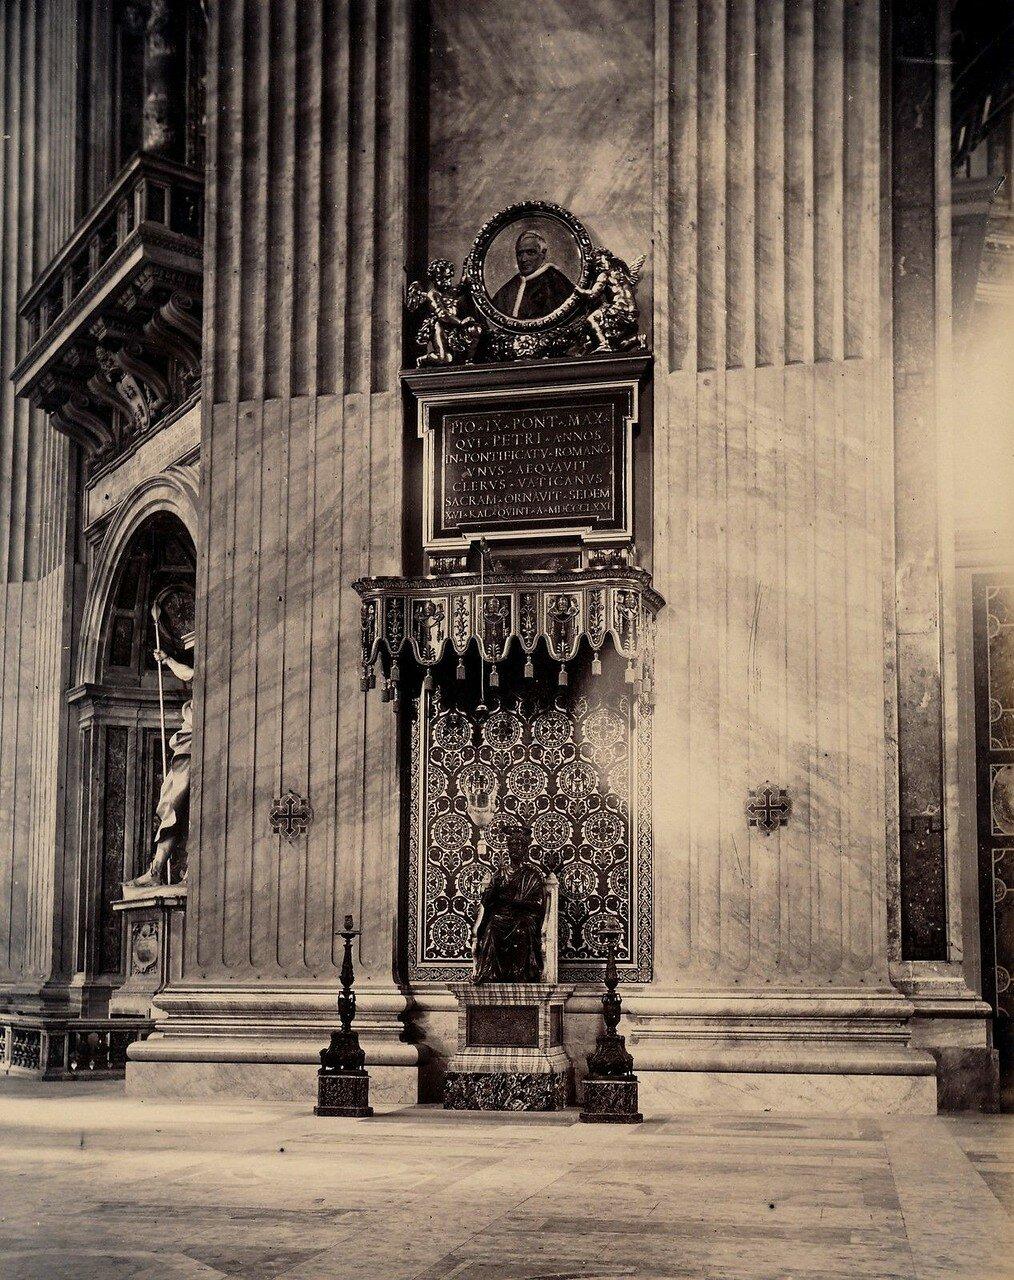 Собор Святого Петра. Фрагмент интерьера